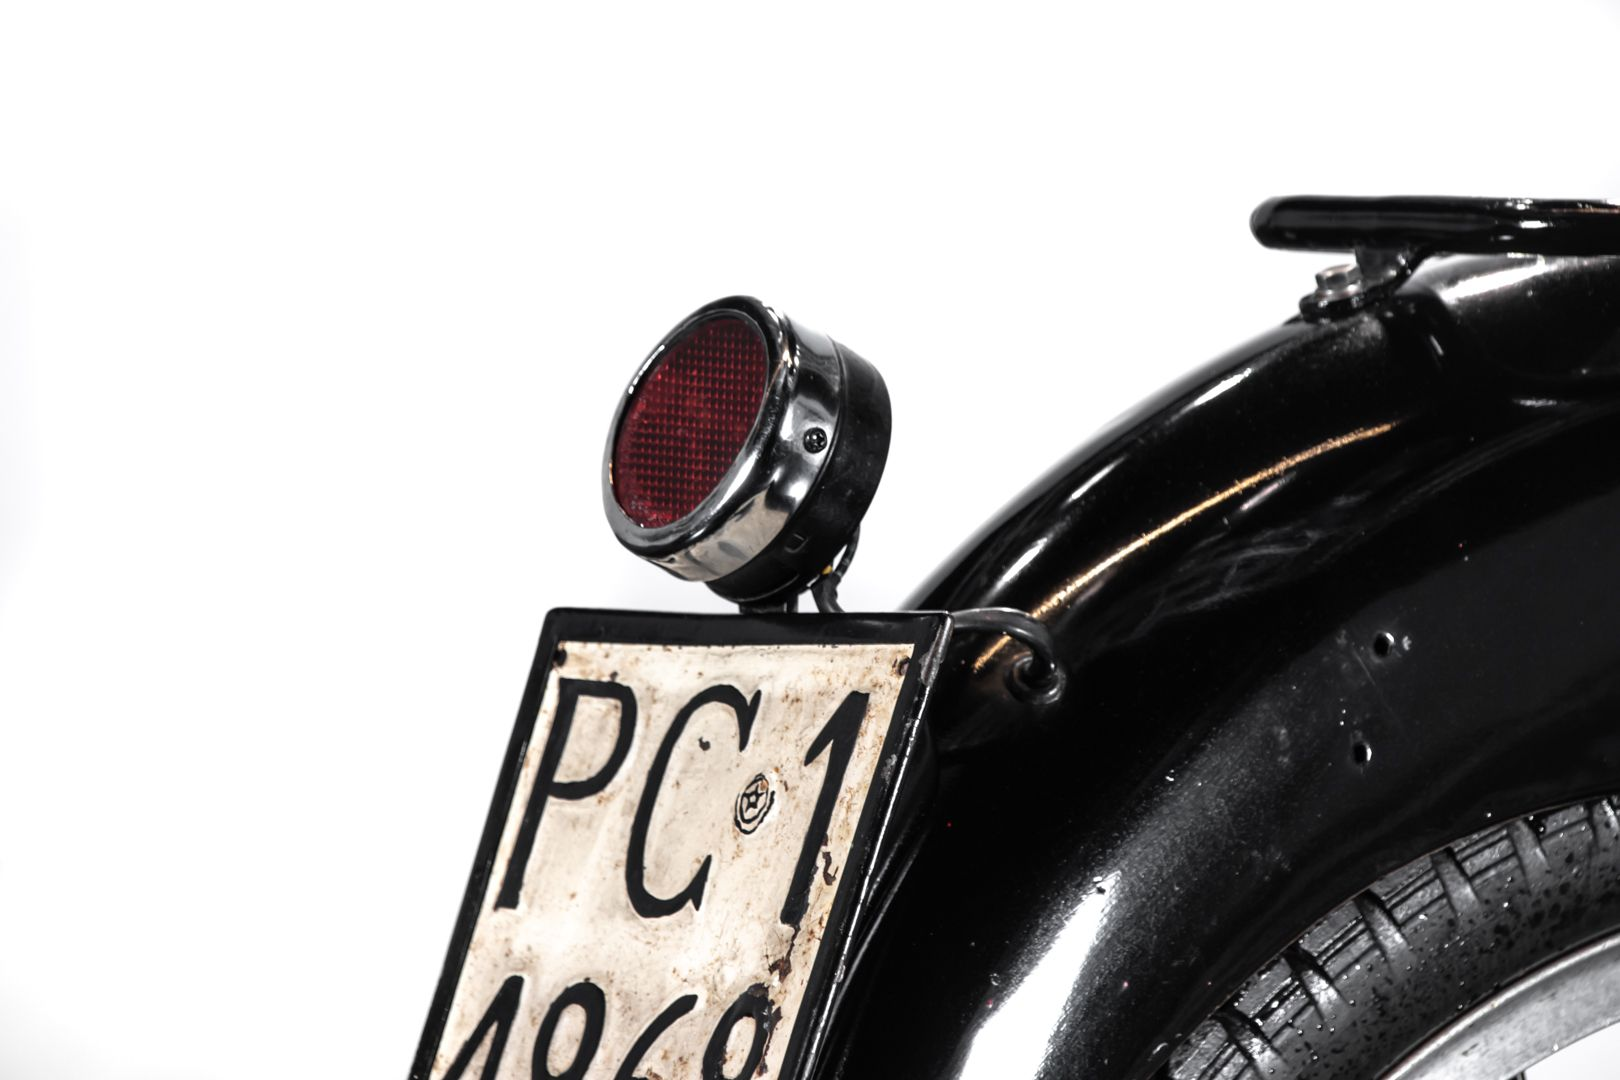 1961 Moto Morini Motore Corto 2T 125 78309